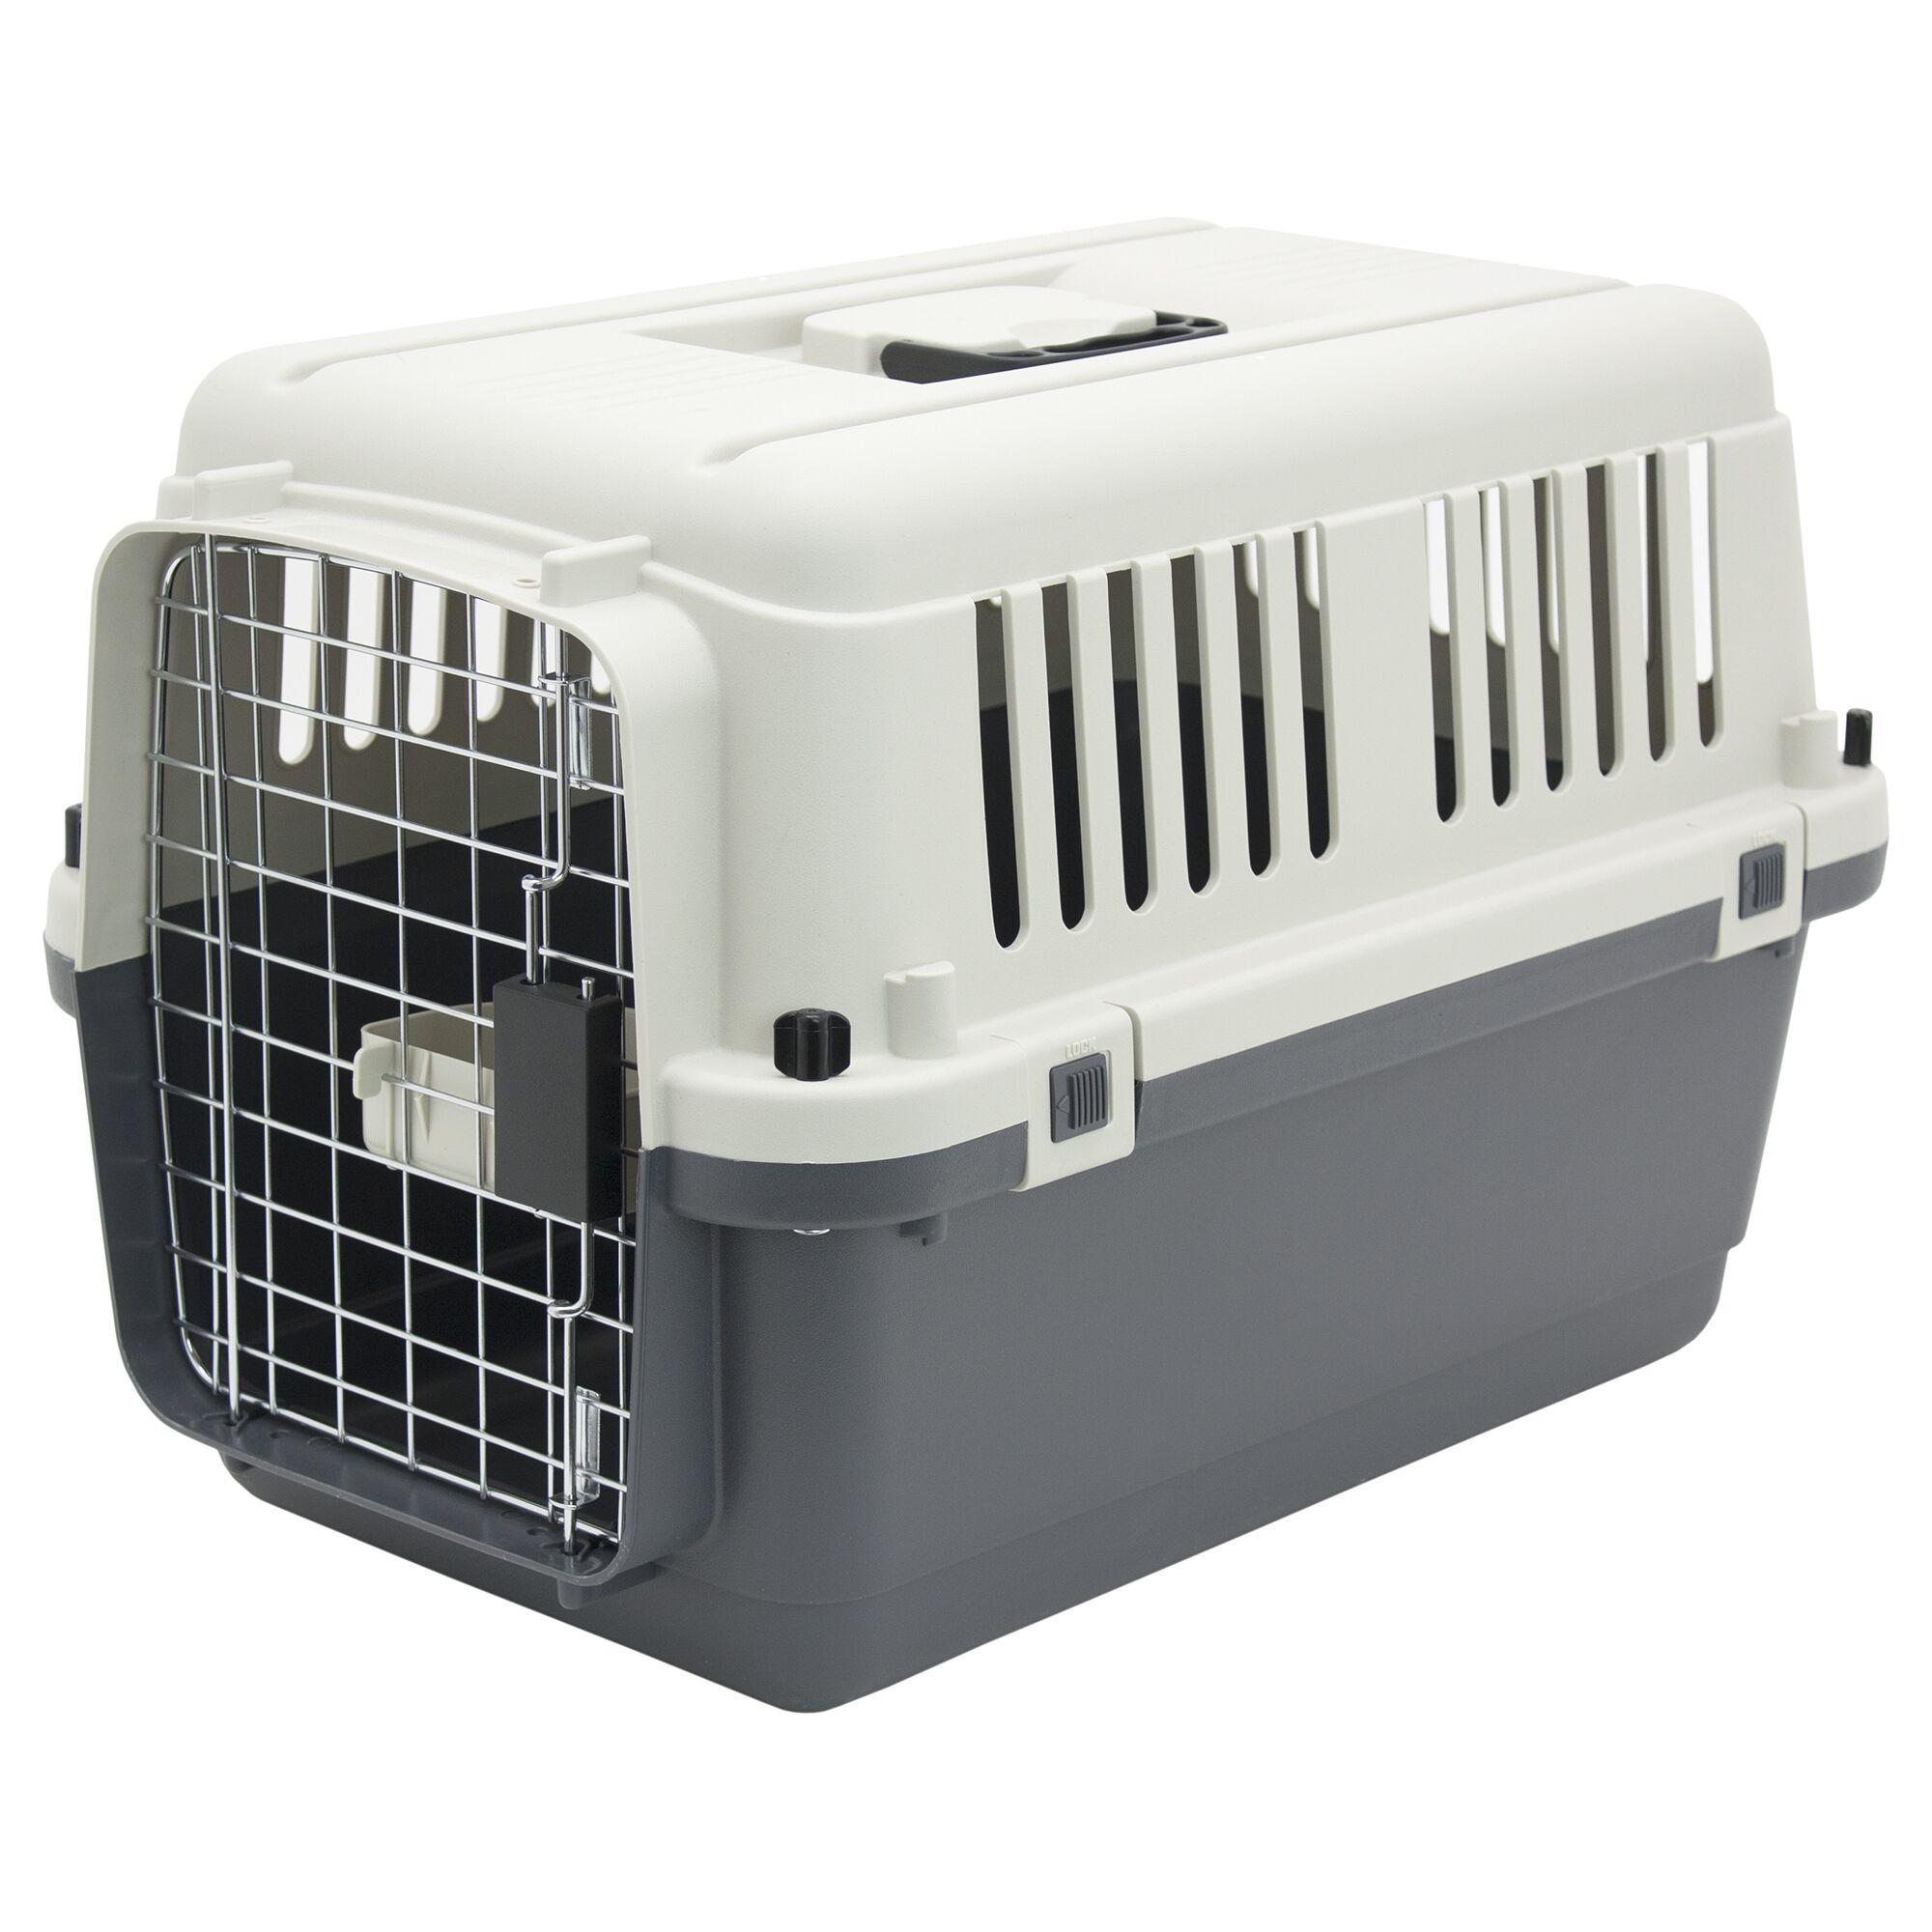 Taurus Pet Crate